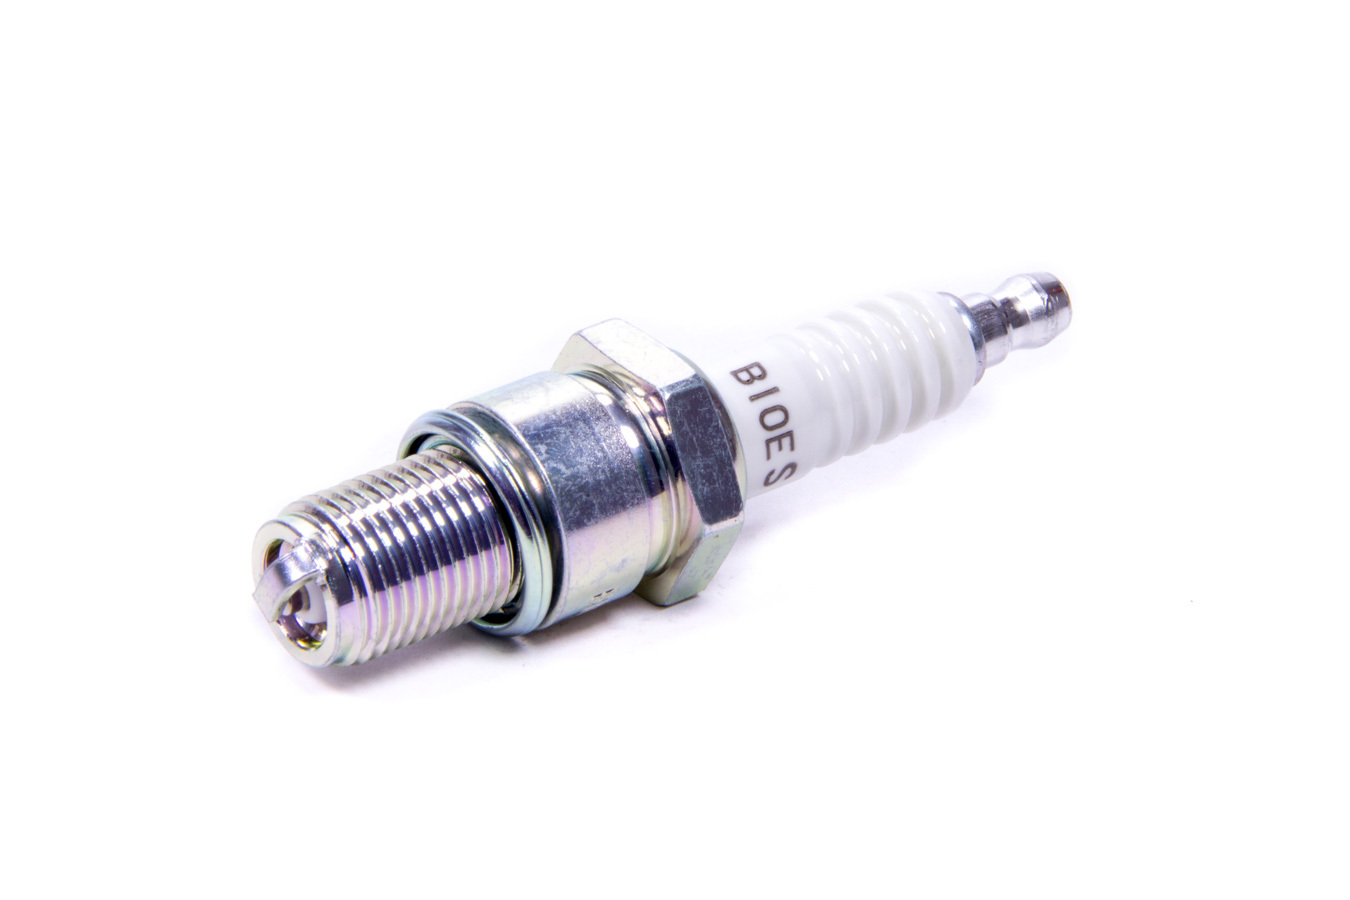 NGK B10ES Spark Plug, NGK Standard, 14 mm Thread, 0.749 in Reach, Gasket Seat, Stock Number 7928, Non-Resistor, Each